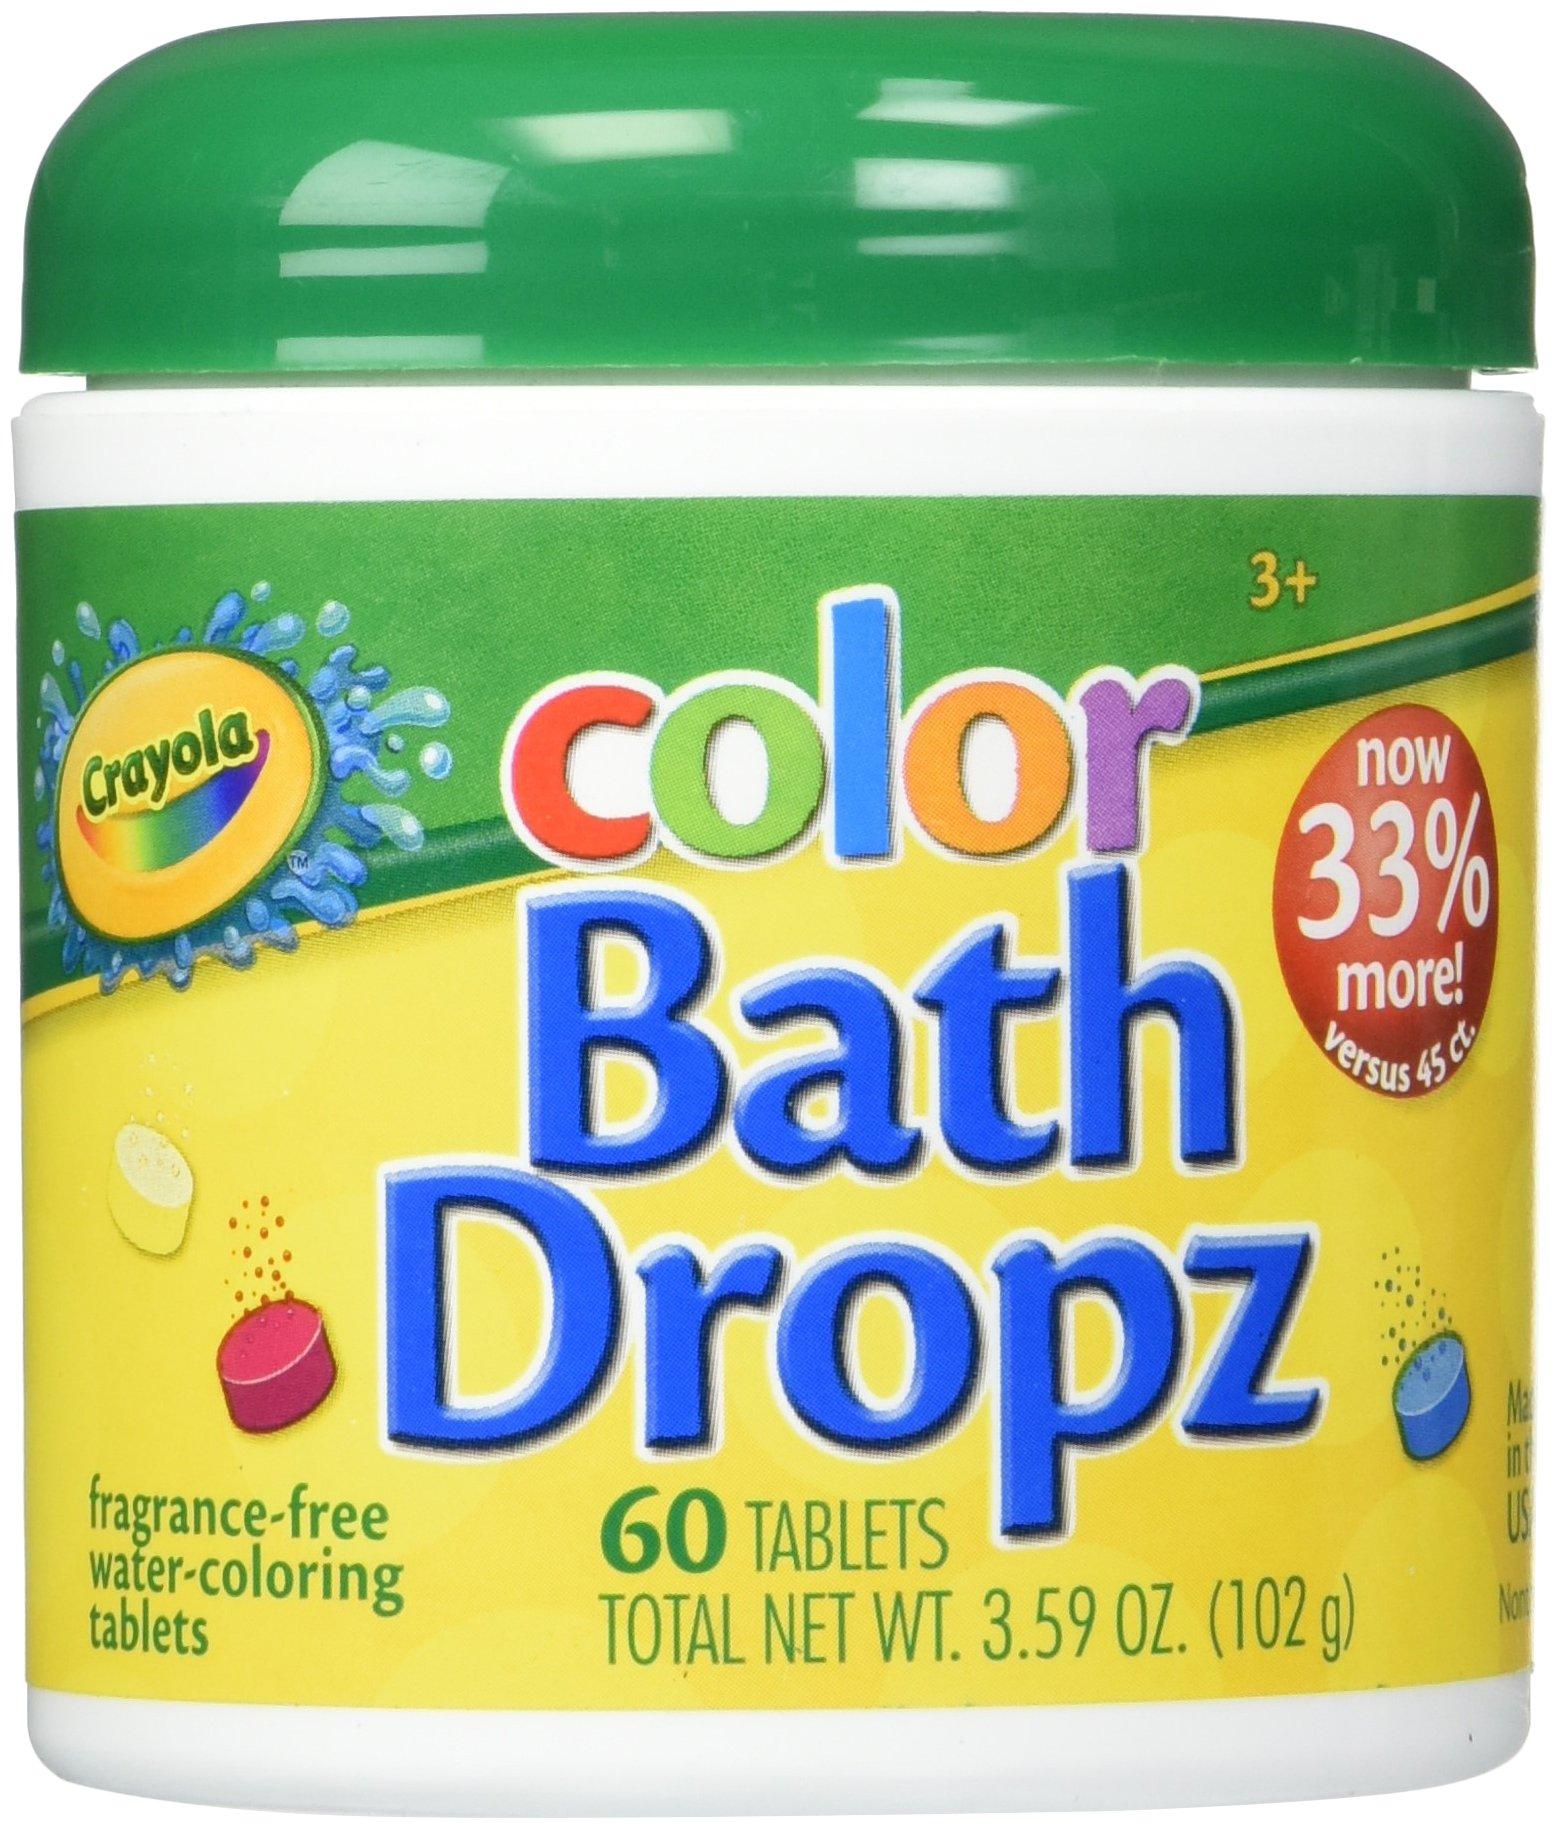 Color Bath Dropz